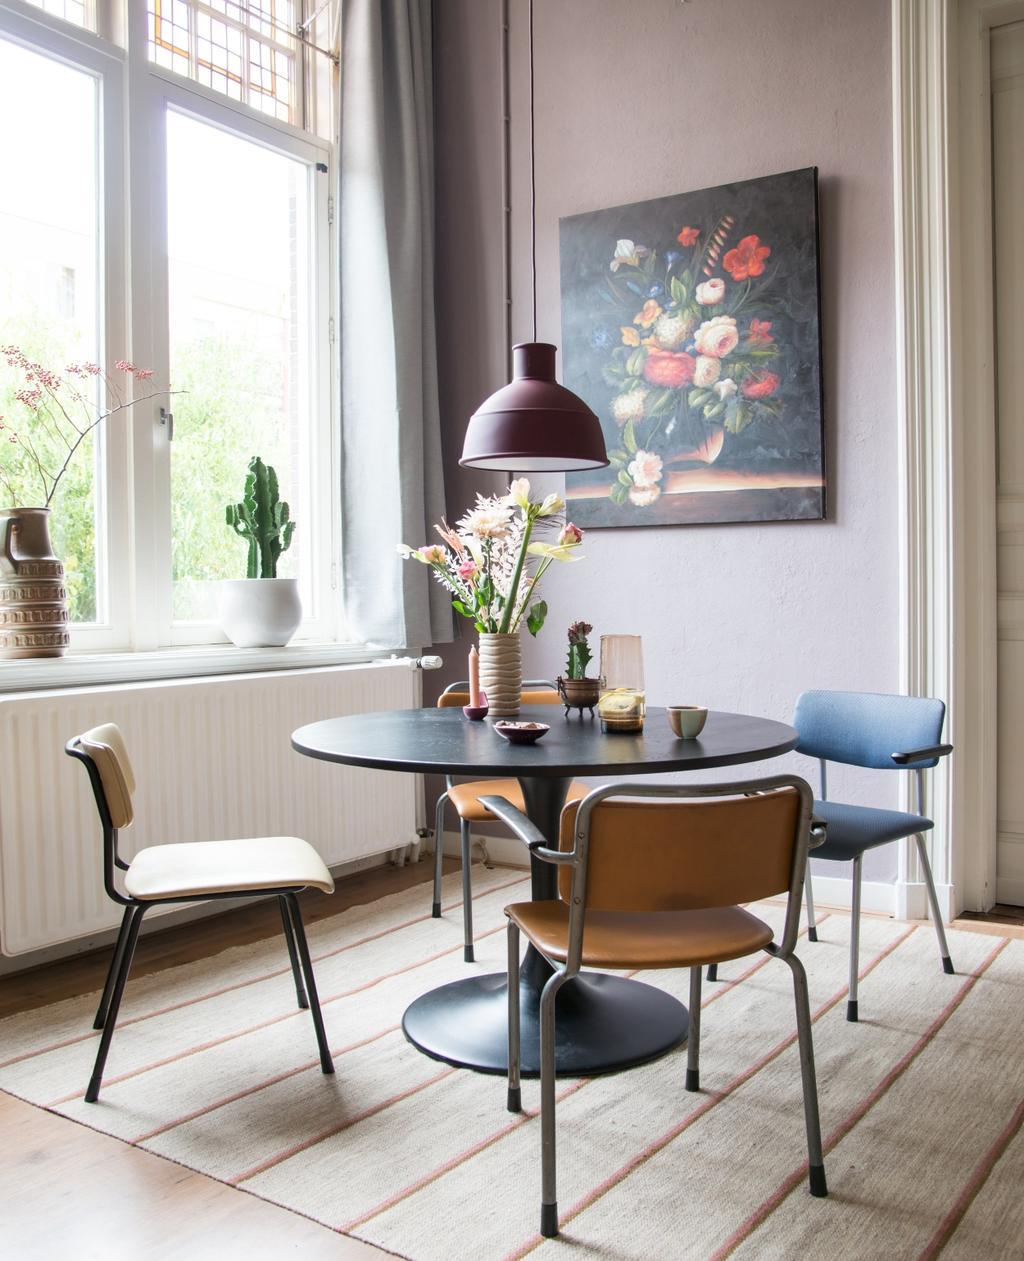 vtwonen 06-2020 | binnenkijken in Nijmegen ronde eettafel met stoelen